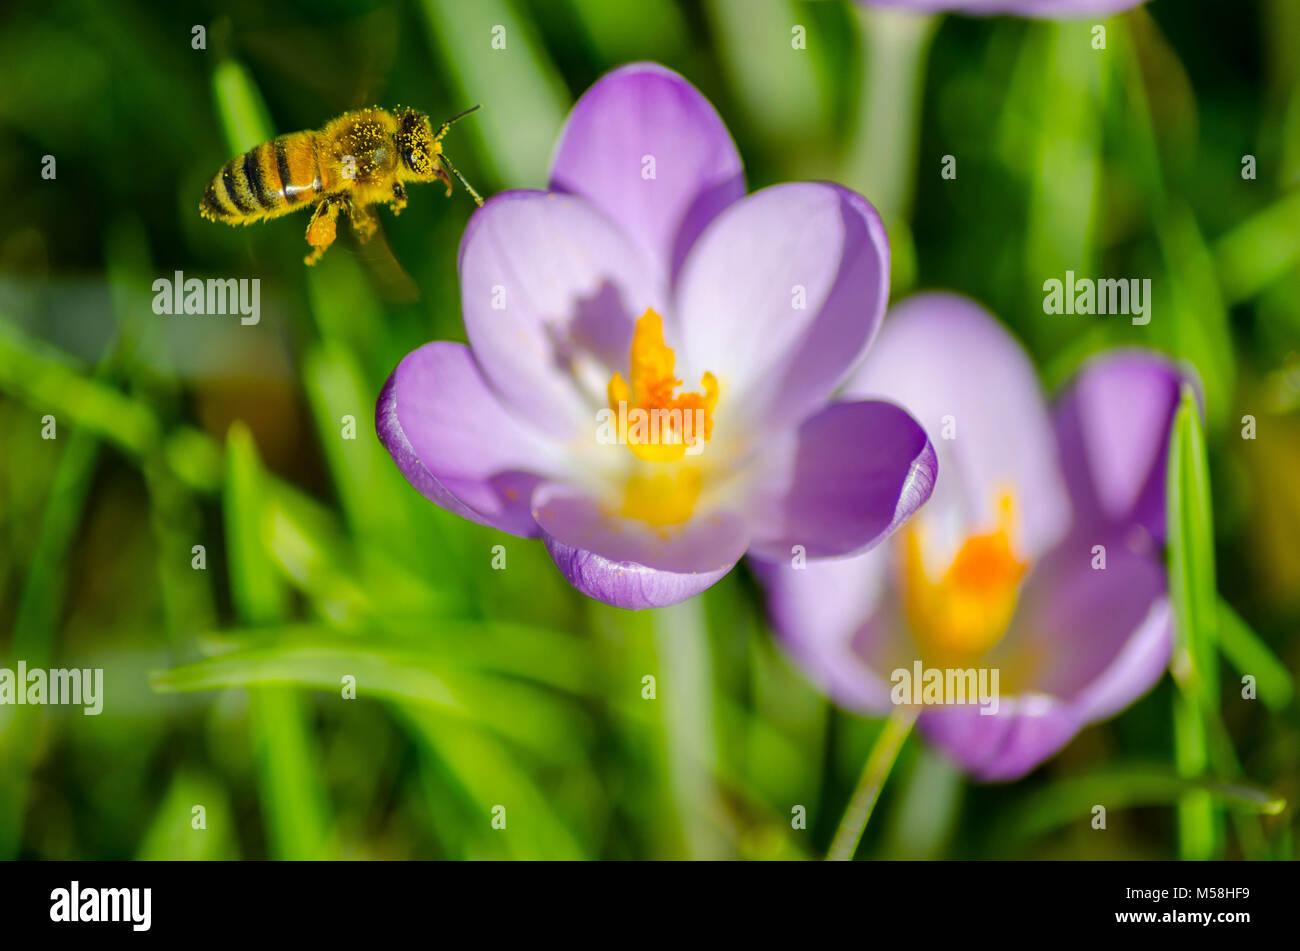 La bellezza e l'ape. Close up di un miele delle api e alcuni viola di crochi. Immagini Stock